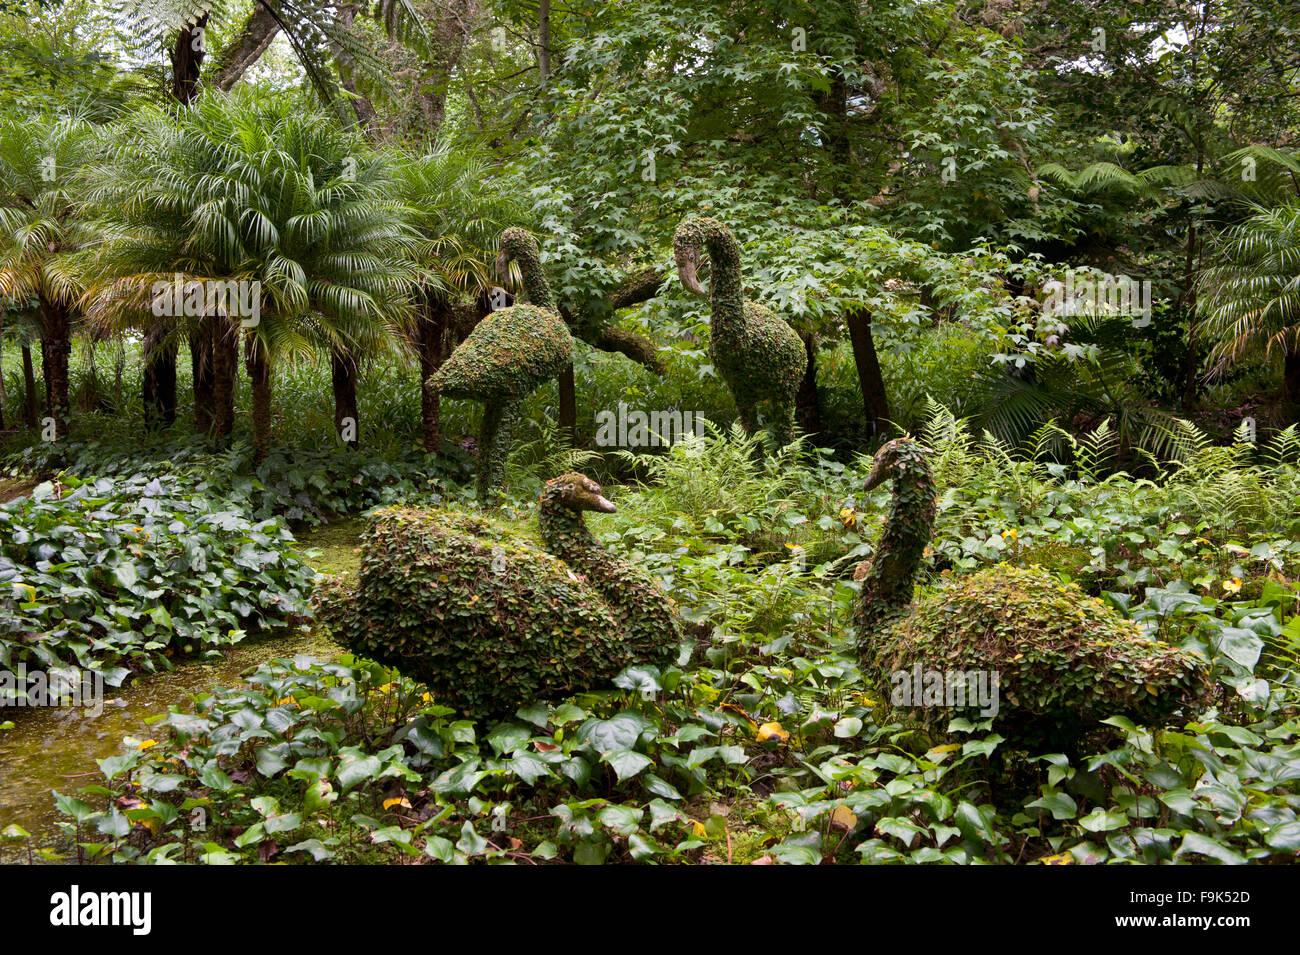 park of terra nostra, furnas, são miguel, azores, portugal - Stock Image